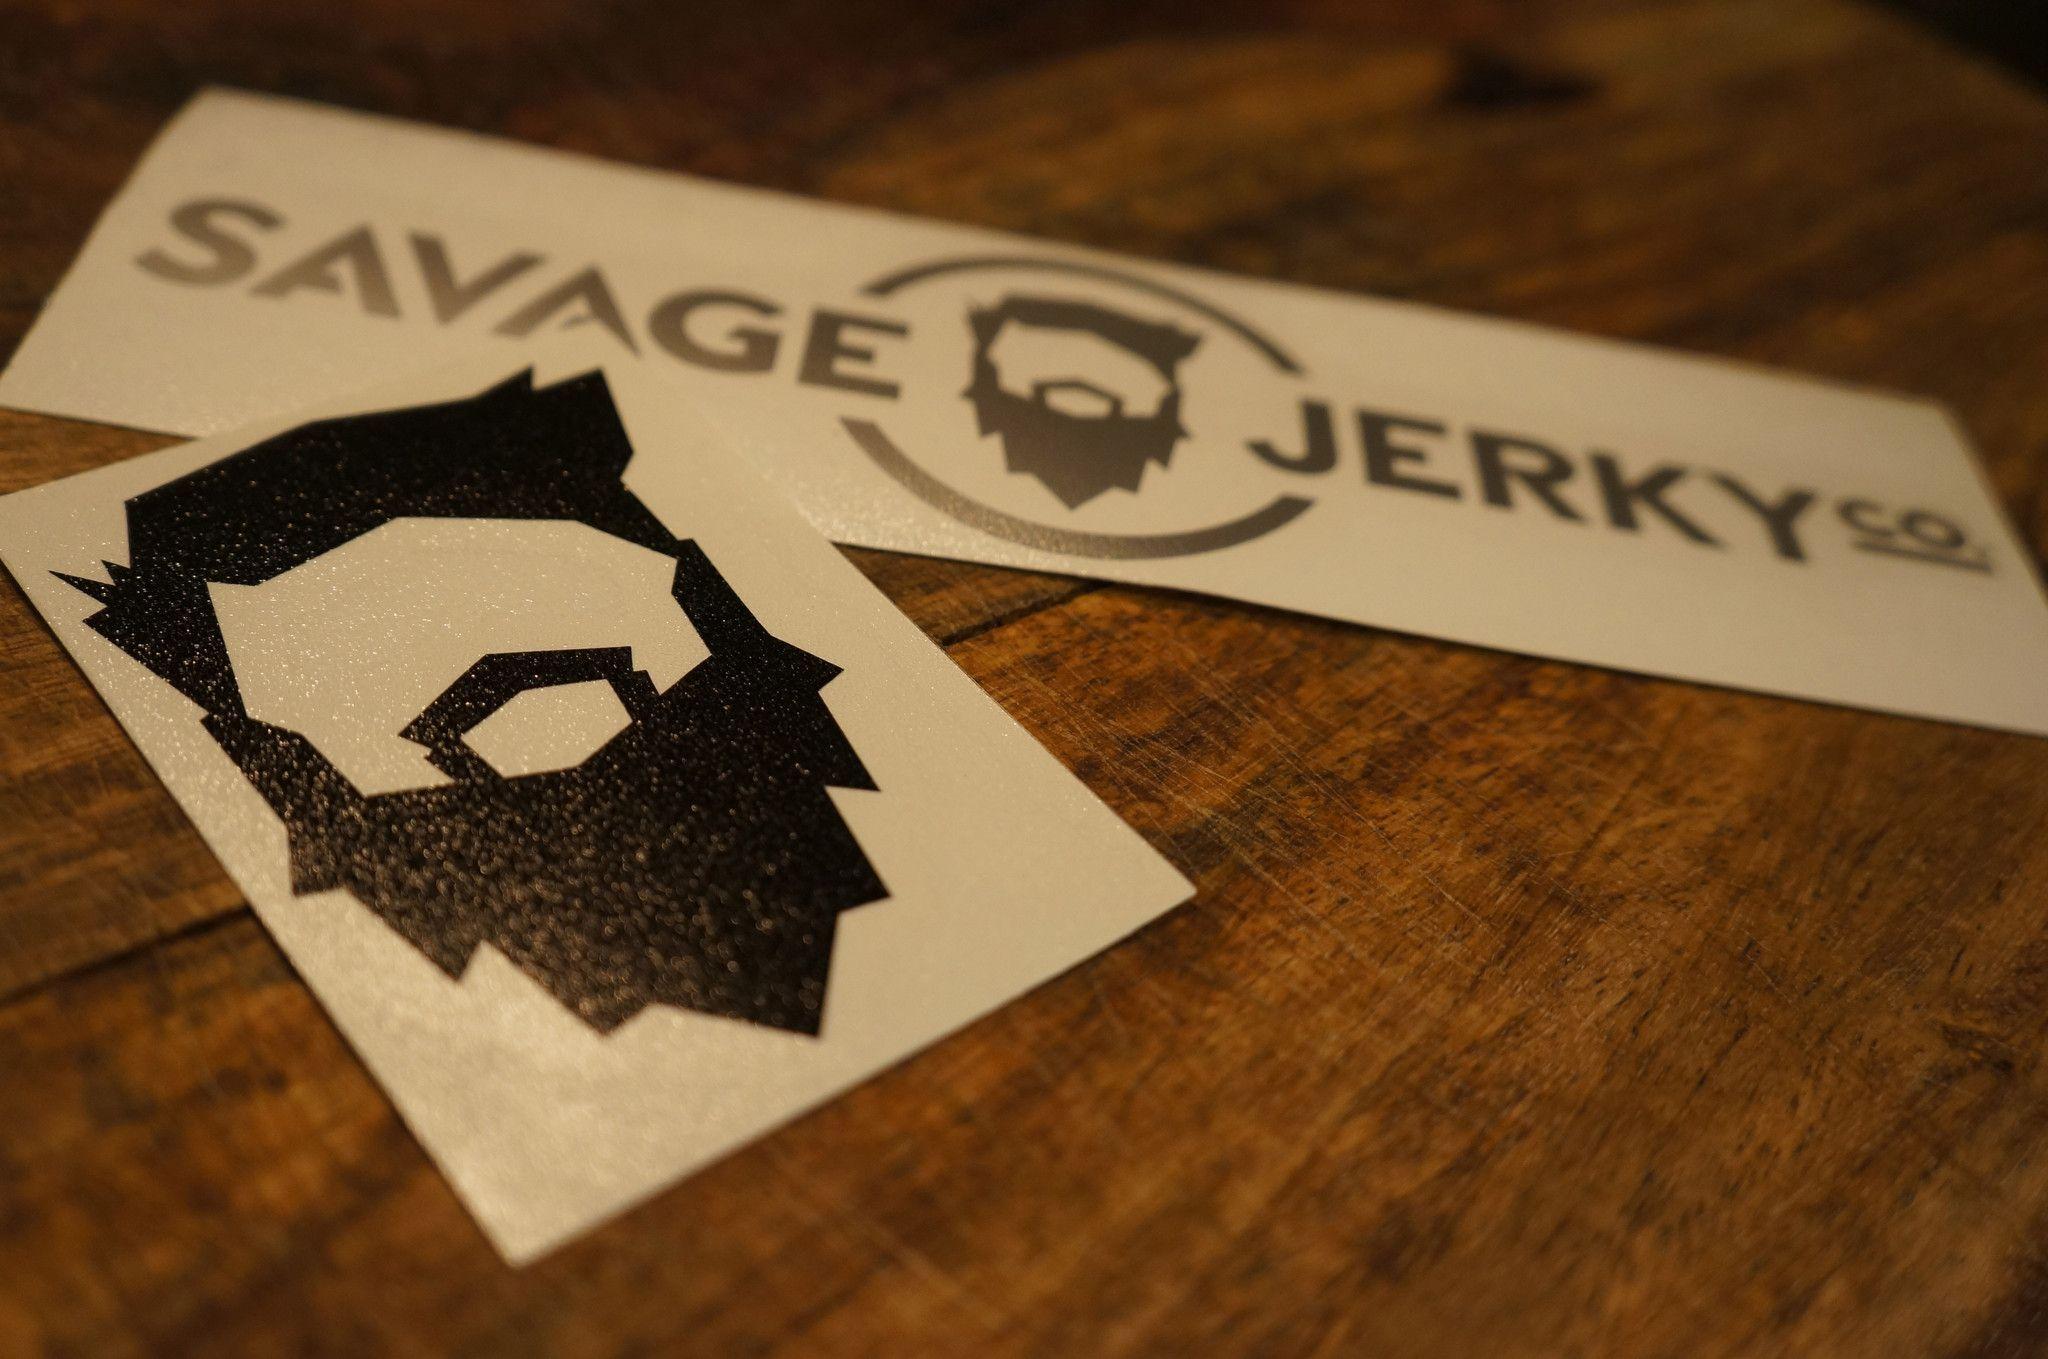 Savage Sticker Pack